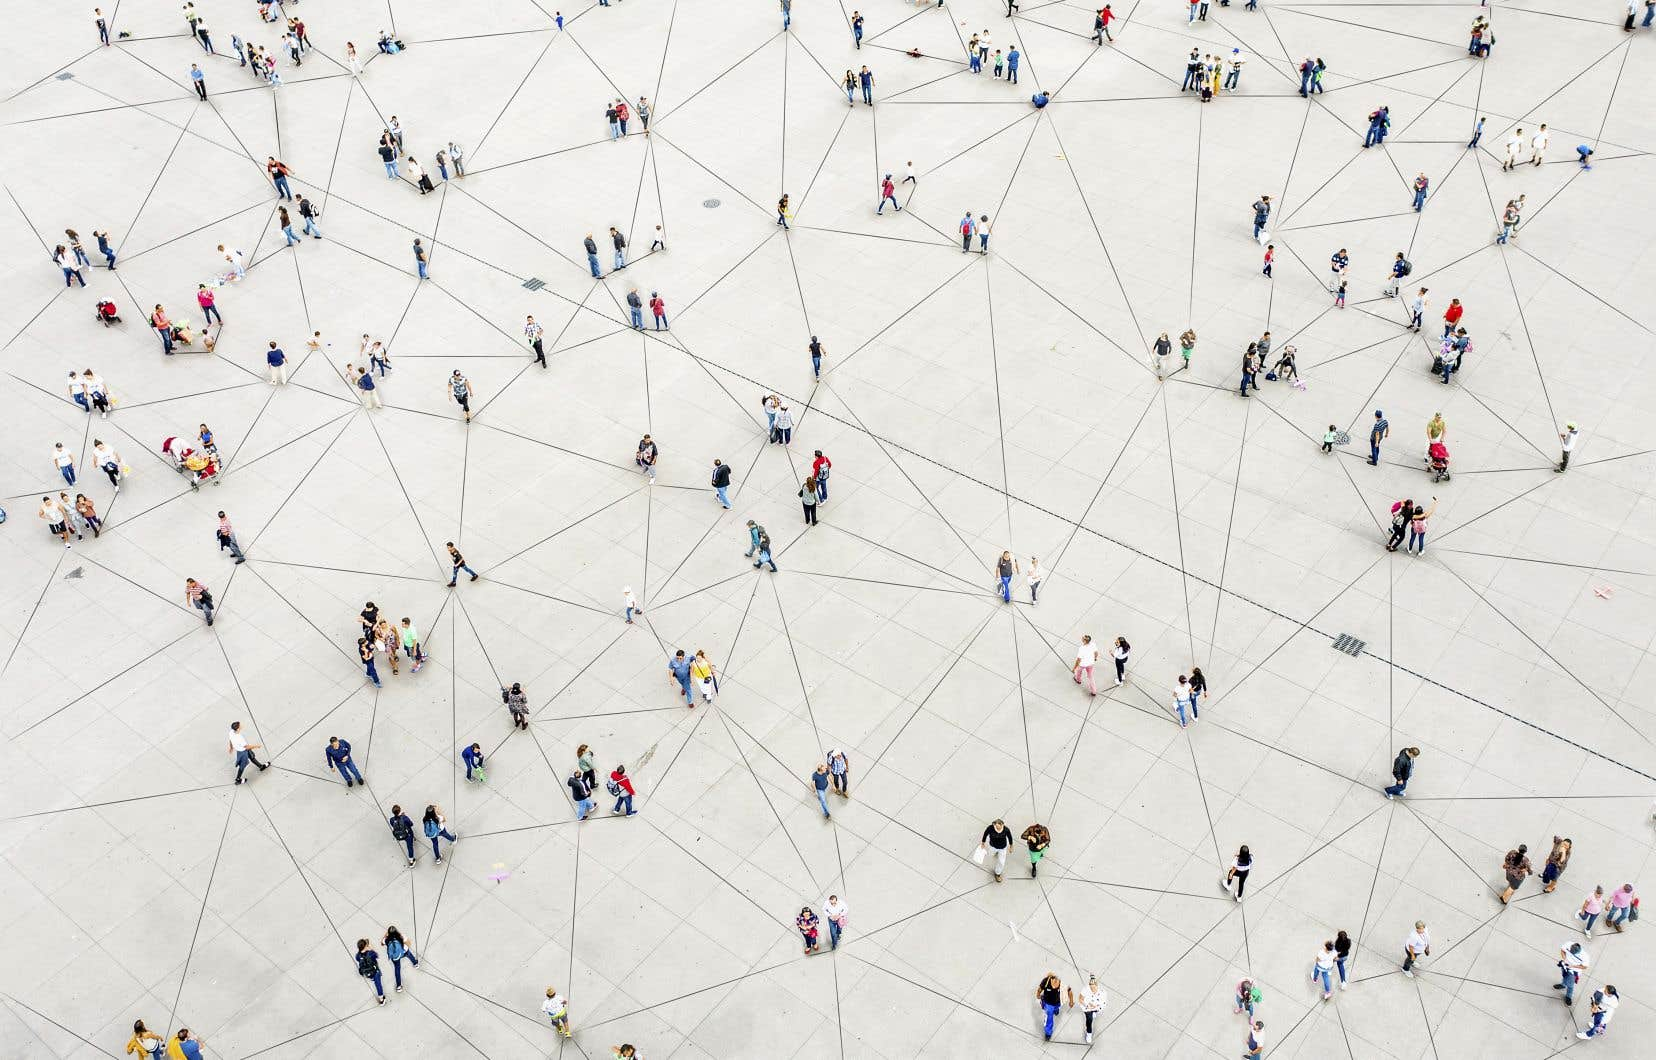 Pour recentrer le concept de ville intelligente autour de l'humain, les chercheurs du pôle d'innovation sur les villes de Concordia proposent le concept de «ville de nouvelle génération». Une ville bien sûr connectée, mais aussi inclusive, collaborative, écologique, et aussi axée sur la mobilité et l'implication citoyenne.